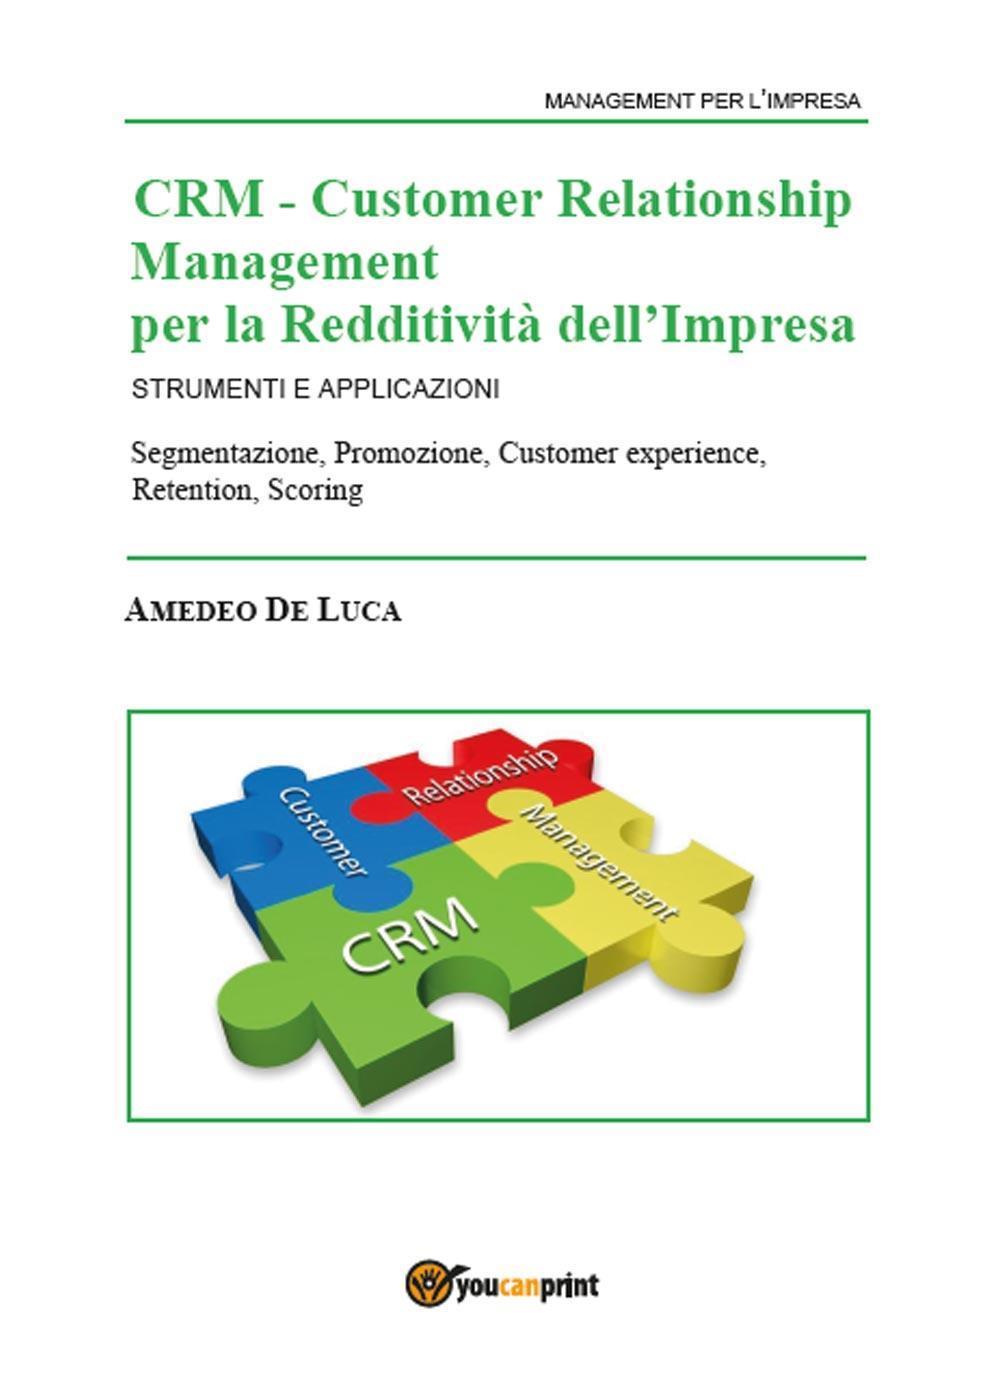 CRM – Customer Relationship Management per la Redditività dell'Impresa – Strumenti e applicazioni